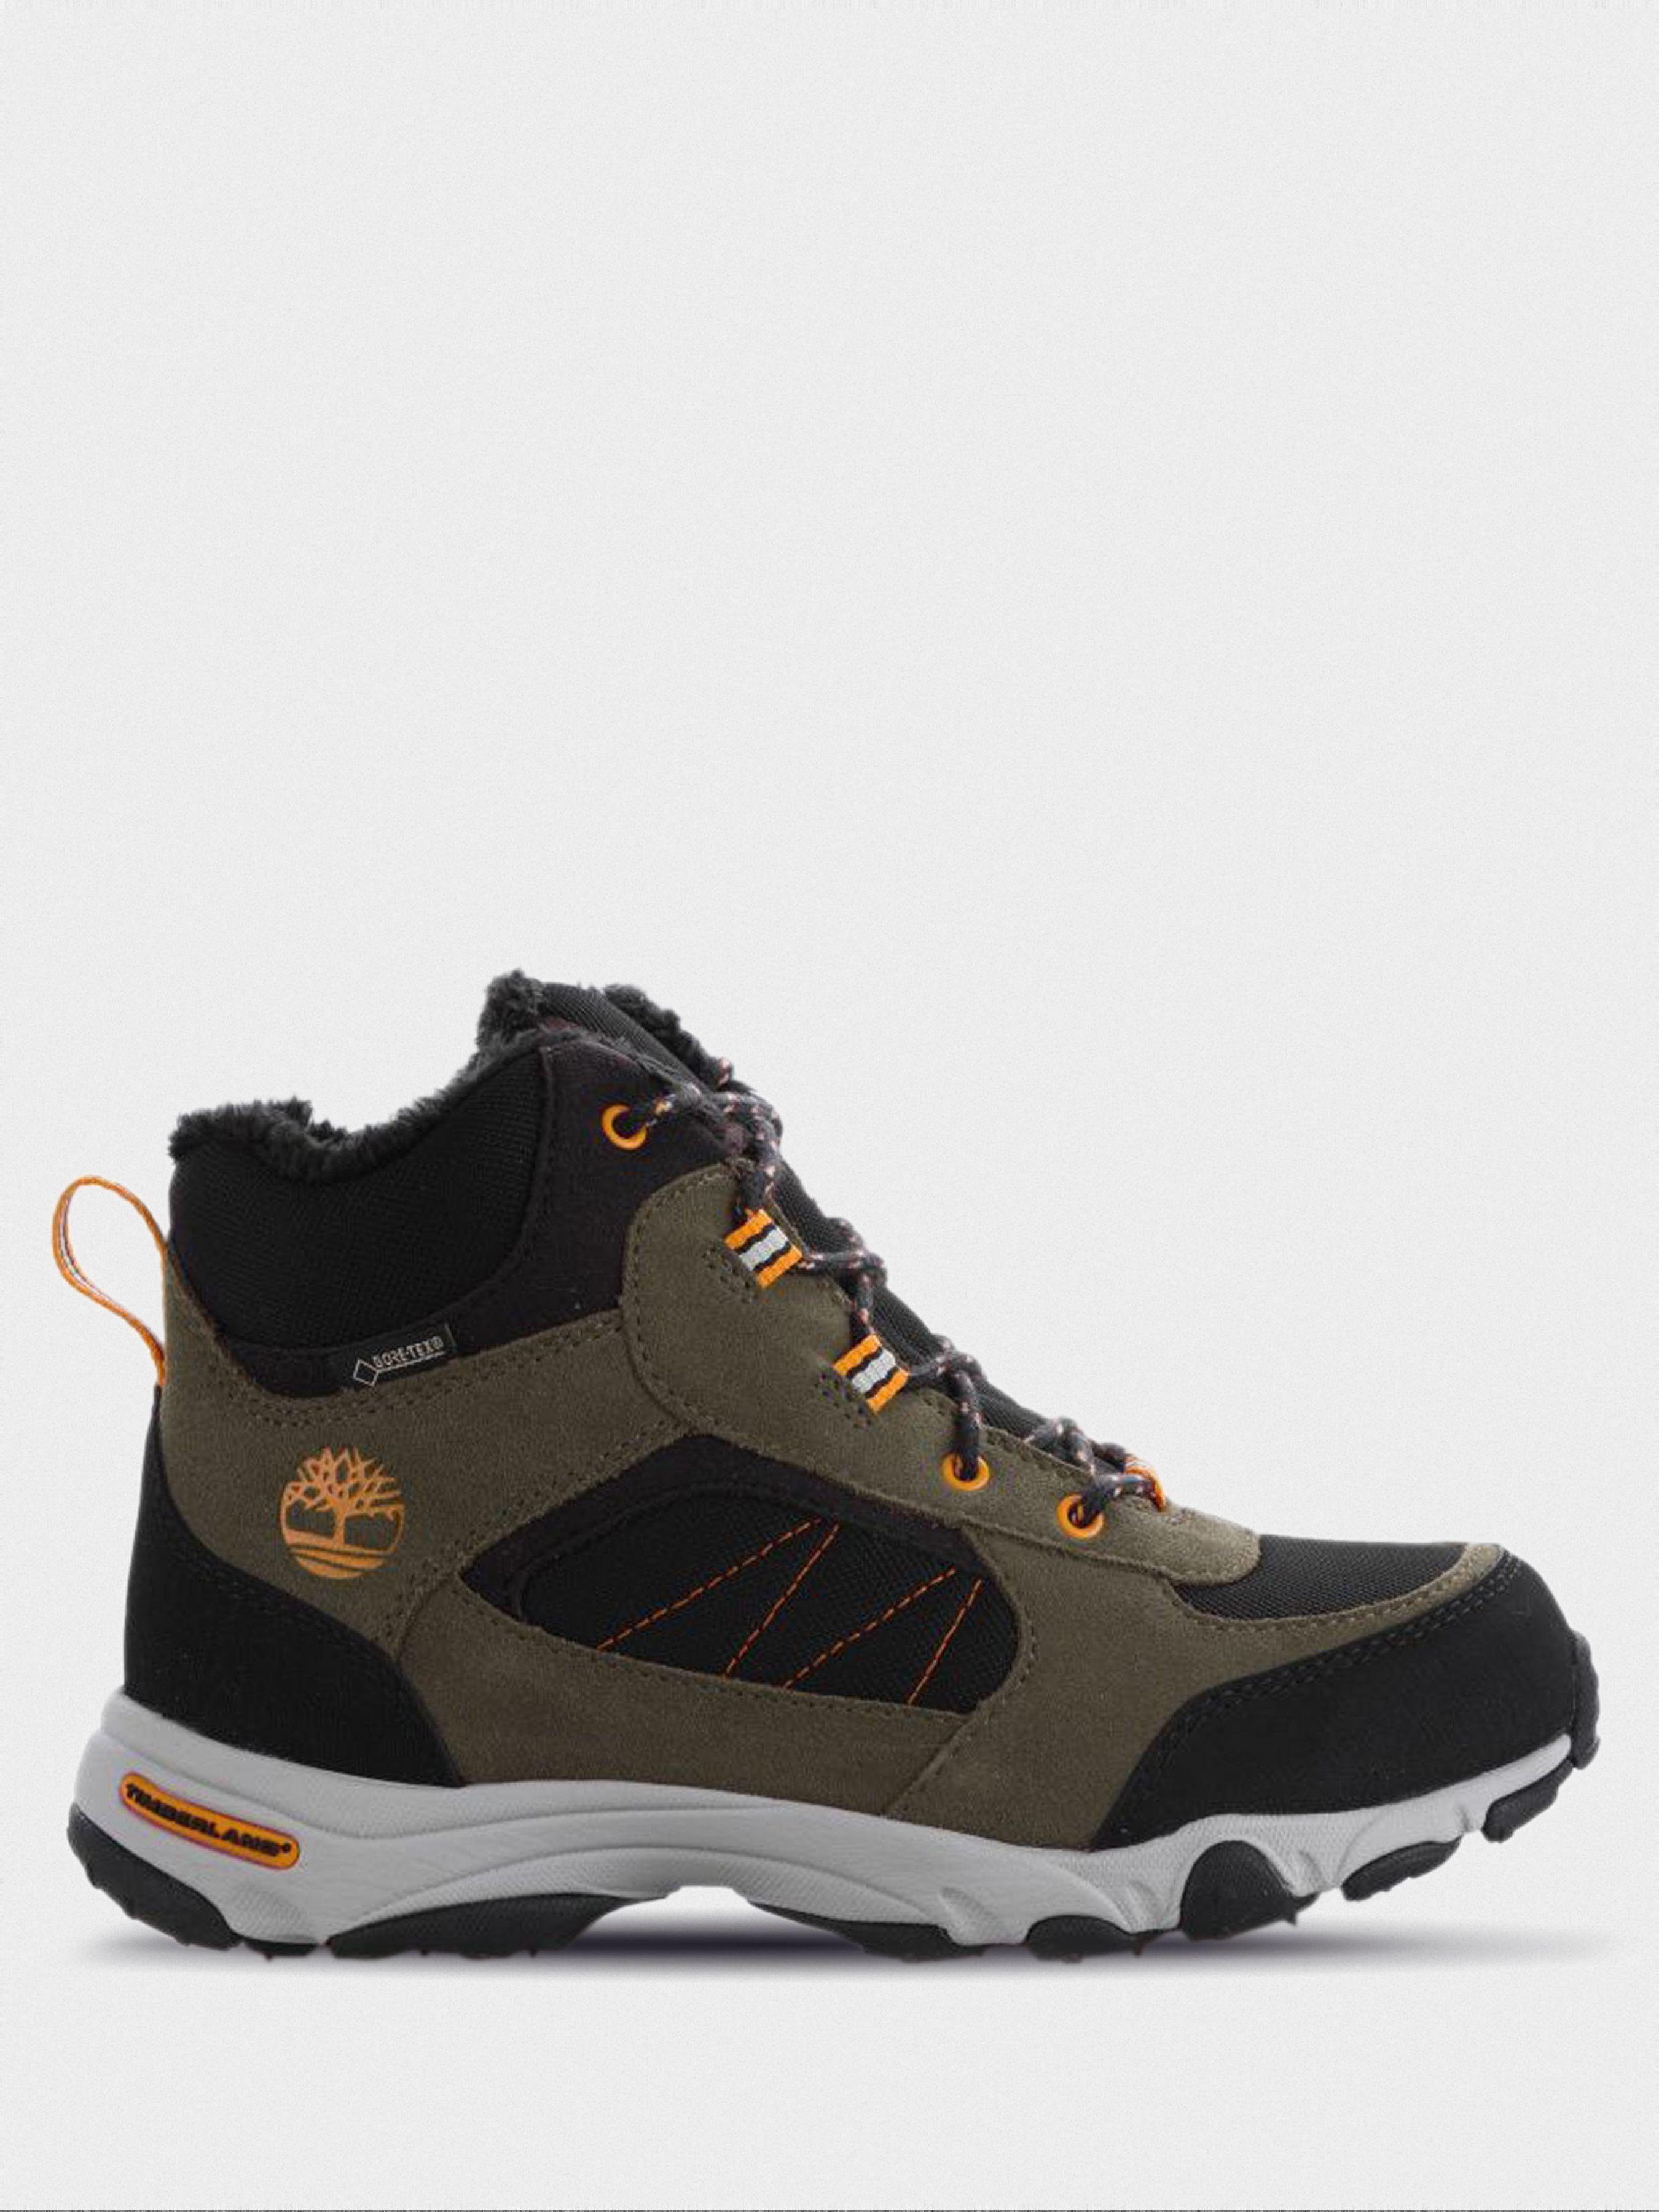 Ботинки детские Timberland Ossipee TL1693 брендовая обувь, 2017